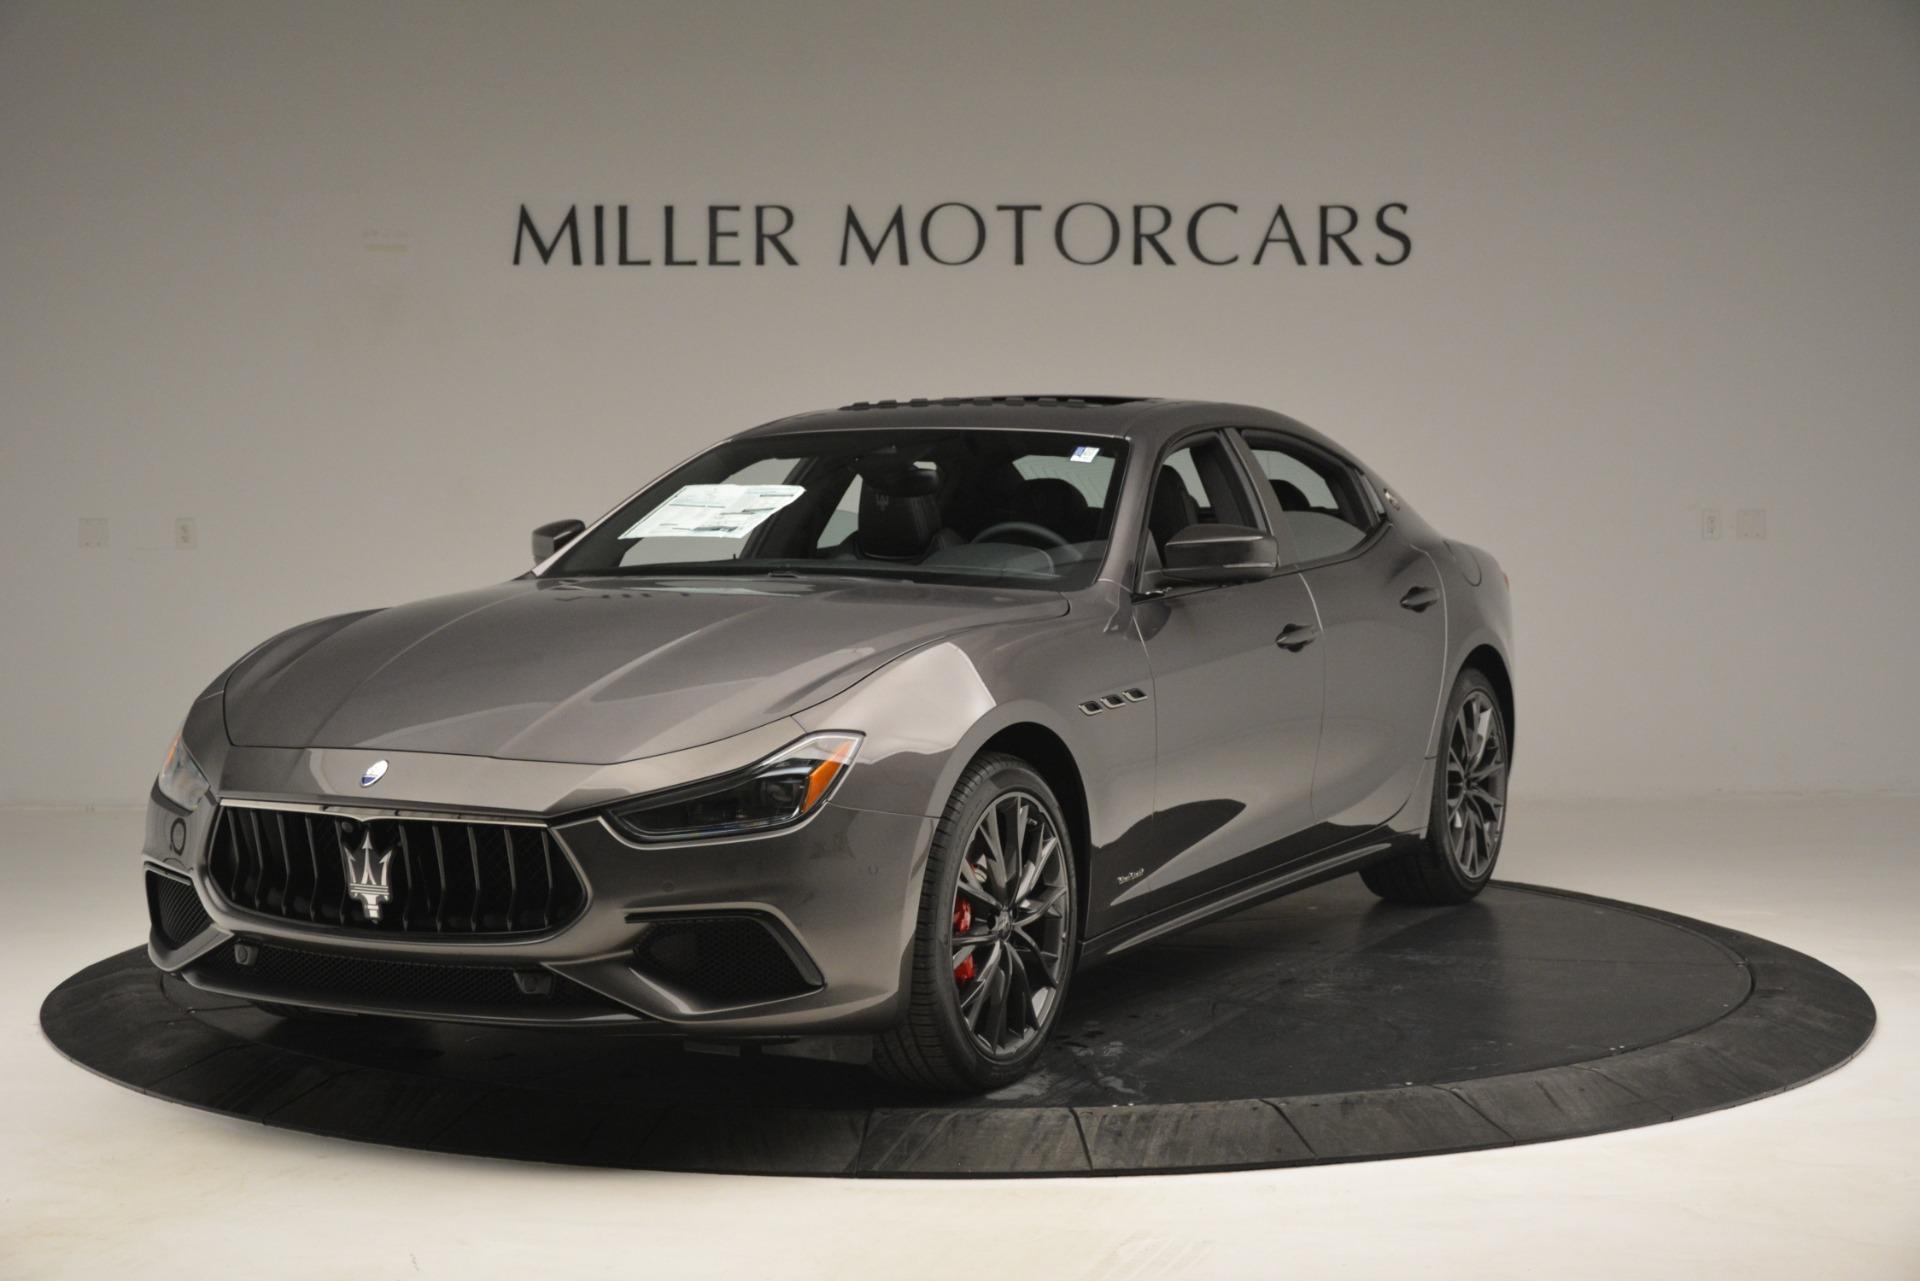 New 2019 Maserati Ghibli S Q4 GranSport For Sale In Westport, CT 2925_main